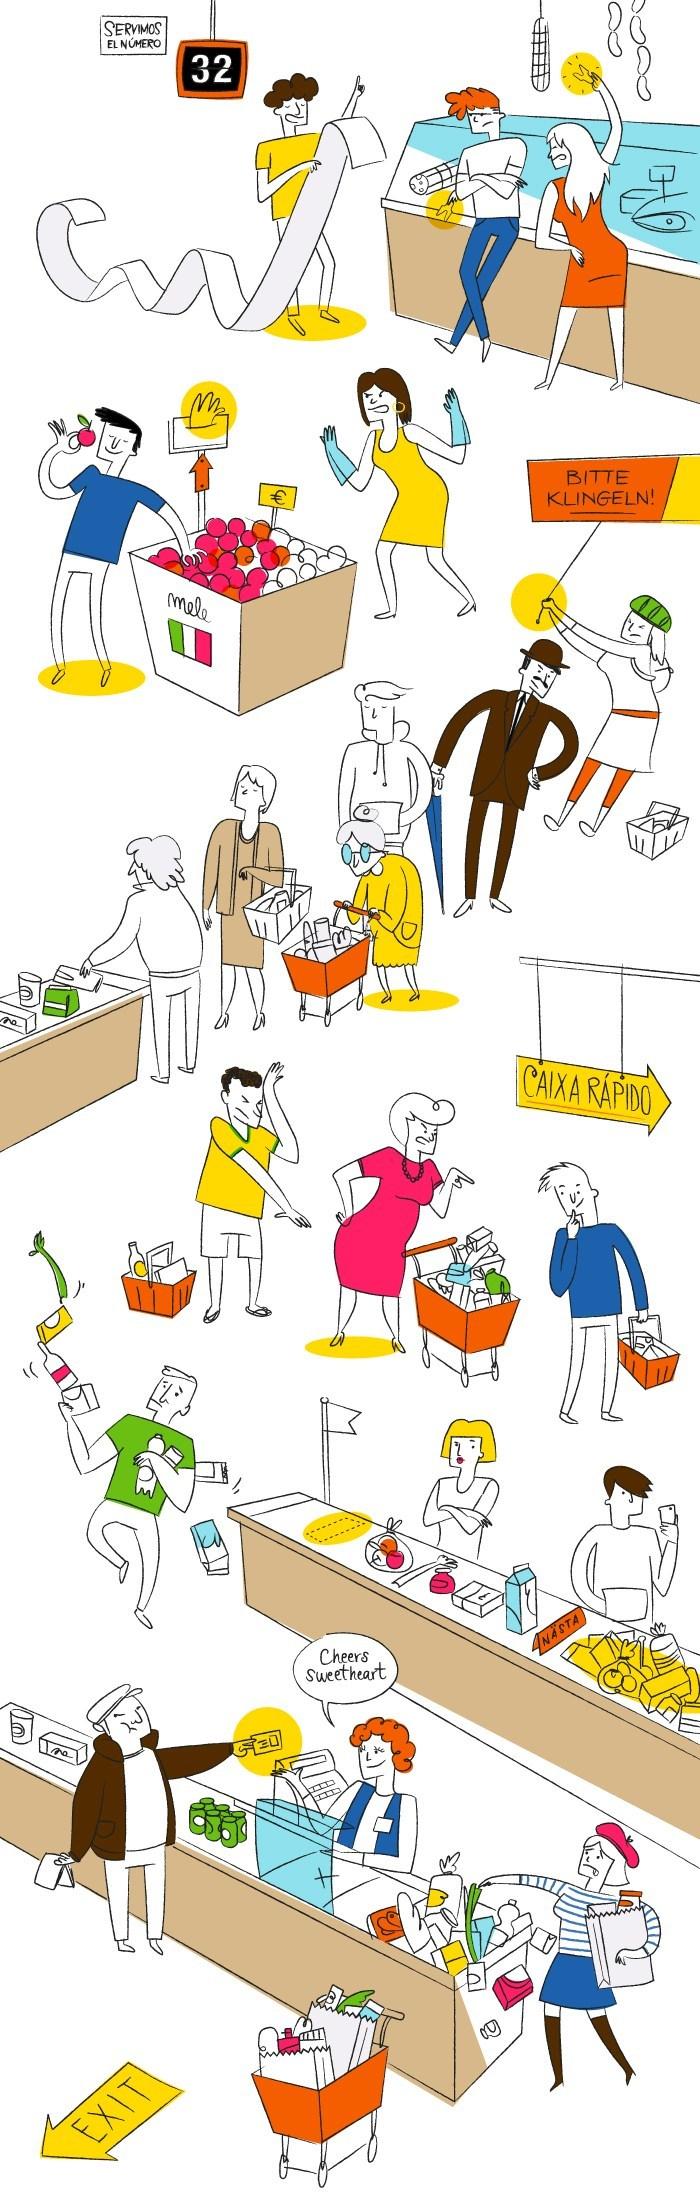 Évitez tous les pièges la prochaine fois que vous devrez aller au supermarché dans un pays étranger !